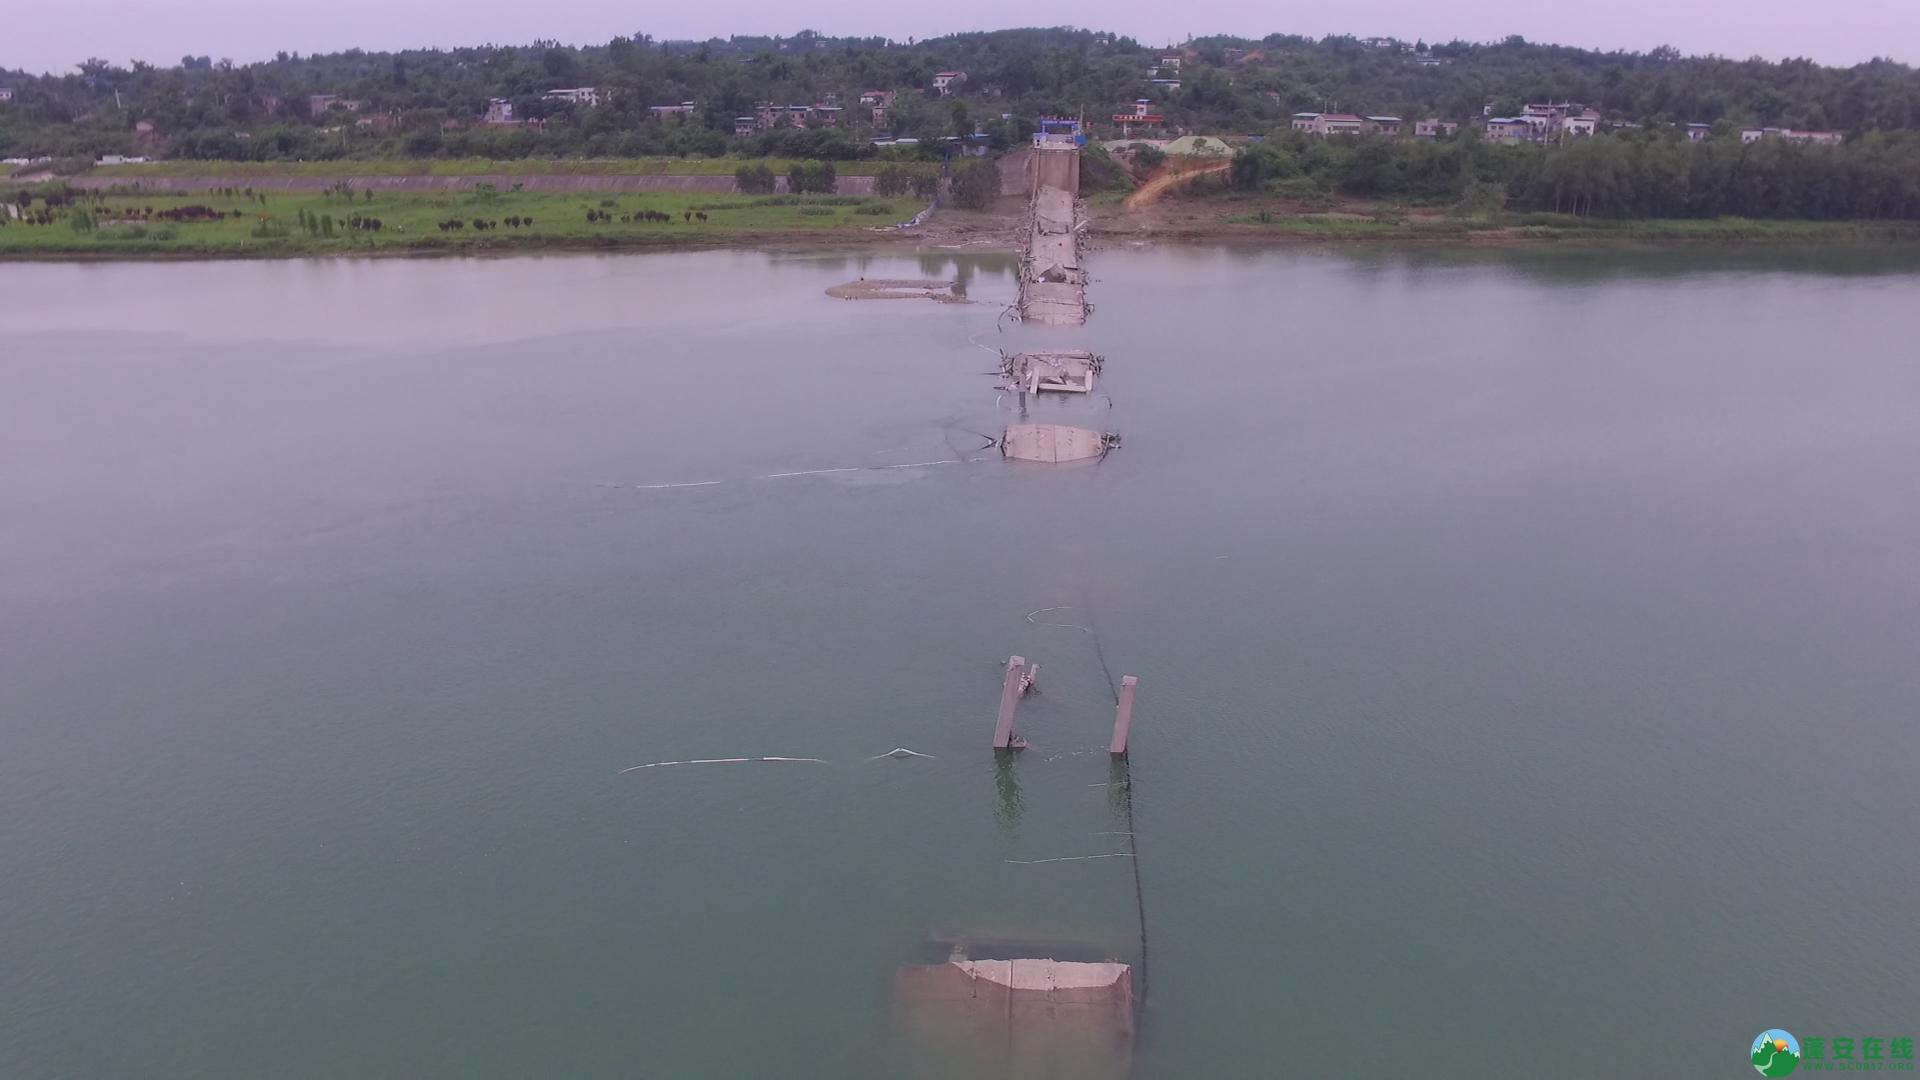 蓬安嘉陵江一桥成功爆破拆除 - 第9张  | 蓬安在线